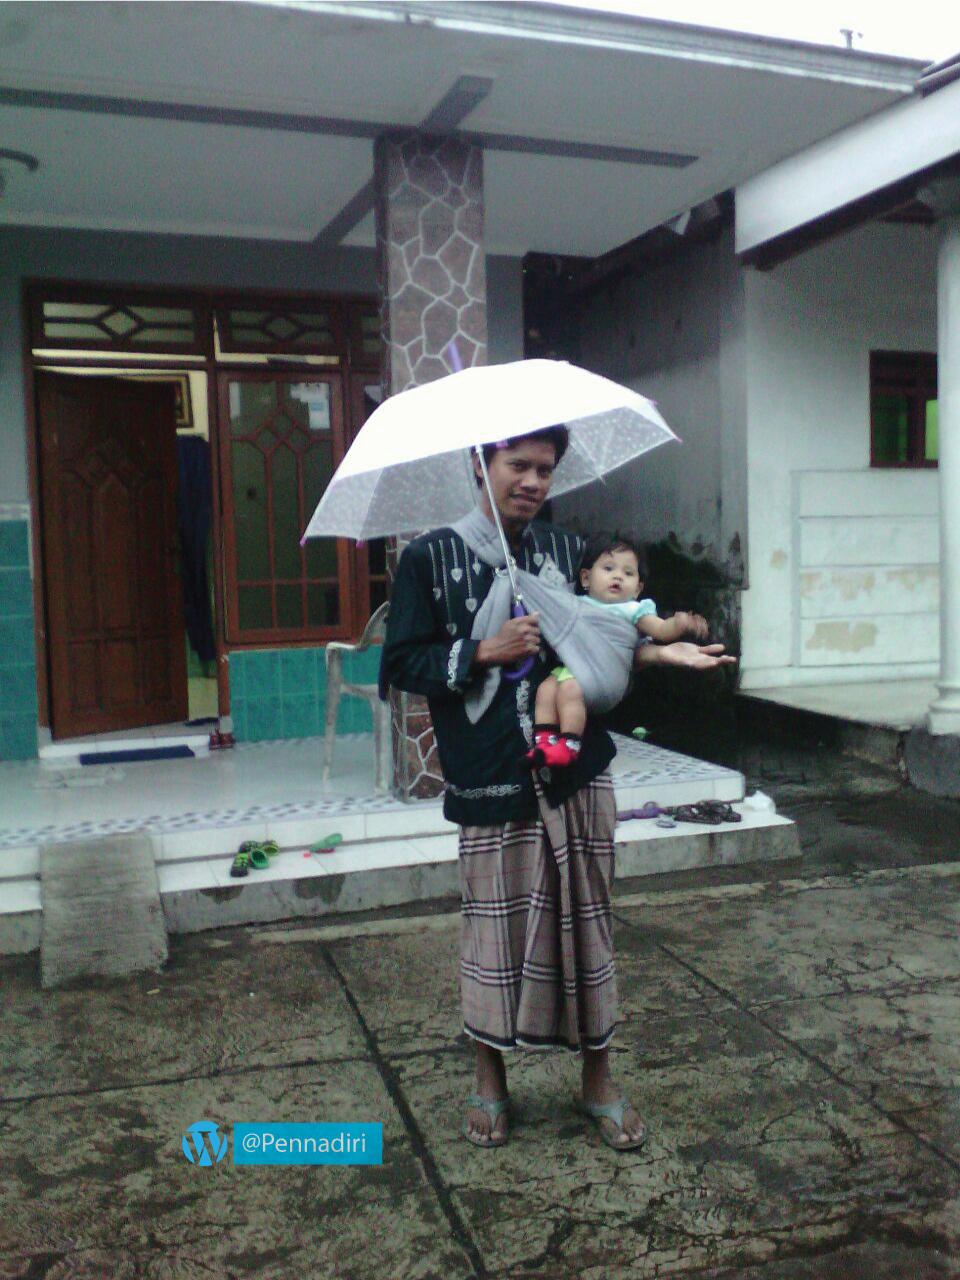 Calon Gadis Pecinta Hujan Pennadiri